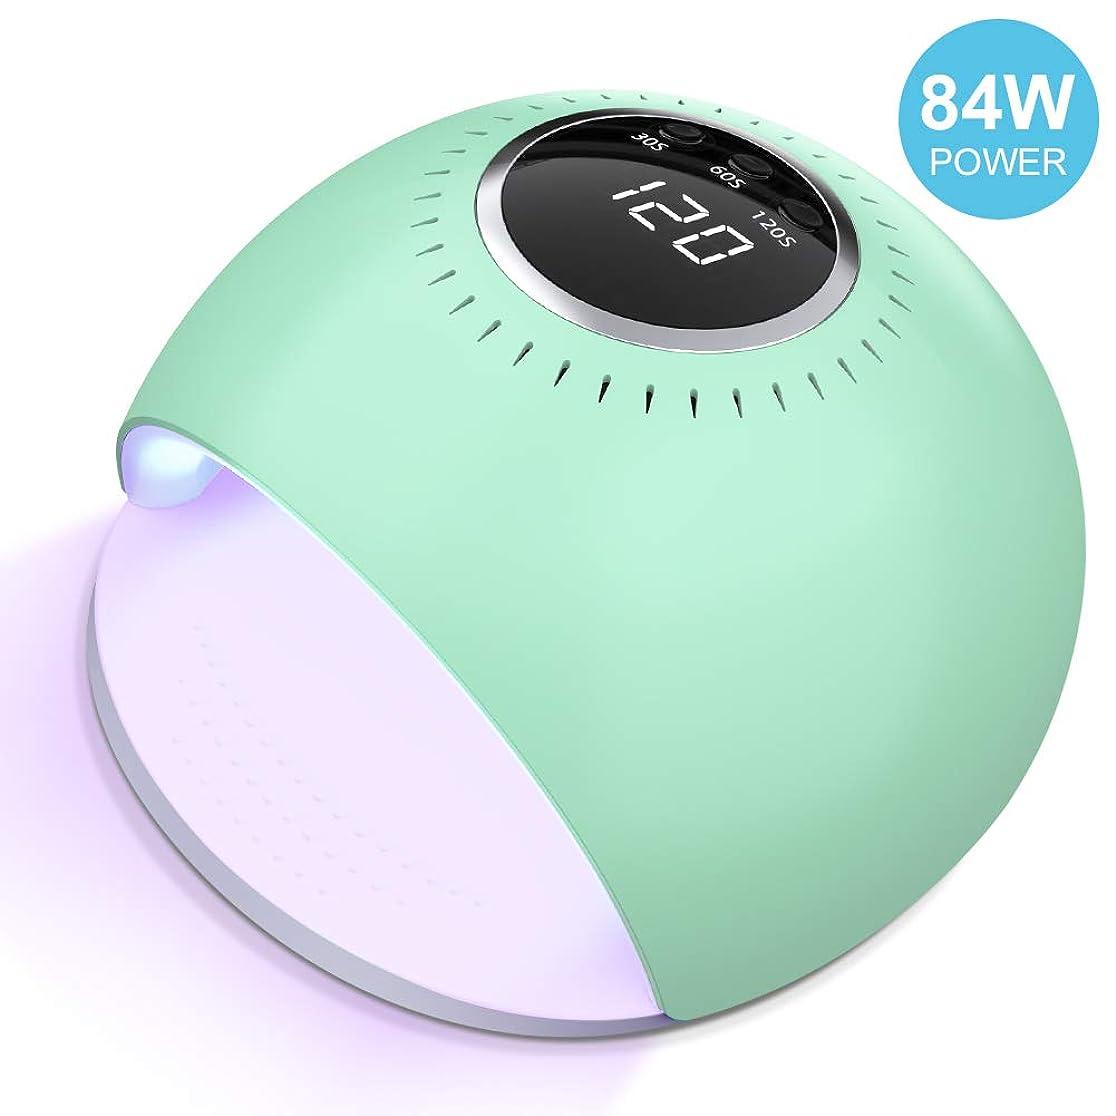 お香属性ギャップMACHITO UV LEDネイルドライヤー 84W ハイパワー 赤外線検知 UV &LEDダブルライト ジェルネイル用 硬化用 ライト 3つタイマー設定 美白 専用赤白ライト ランプ 日本語説明書付き 緑 …